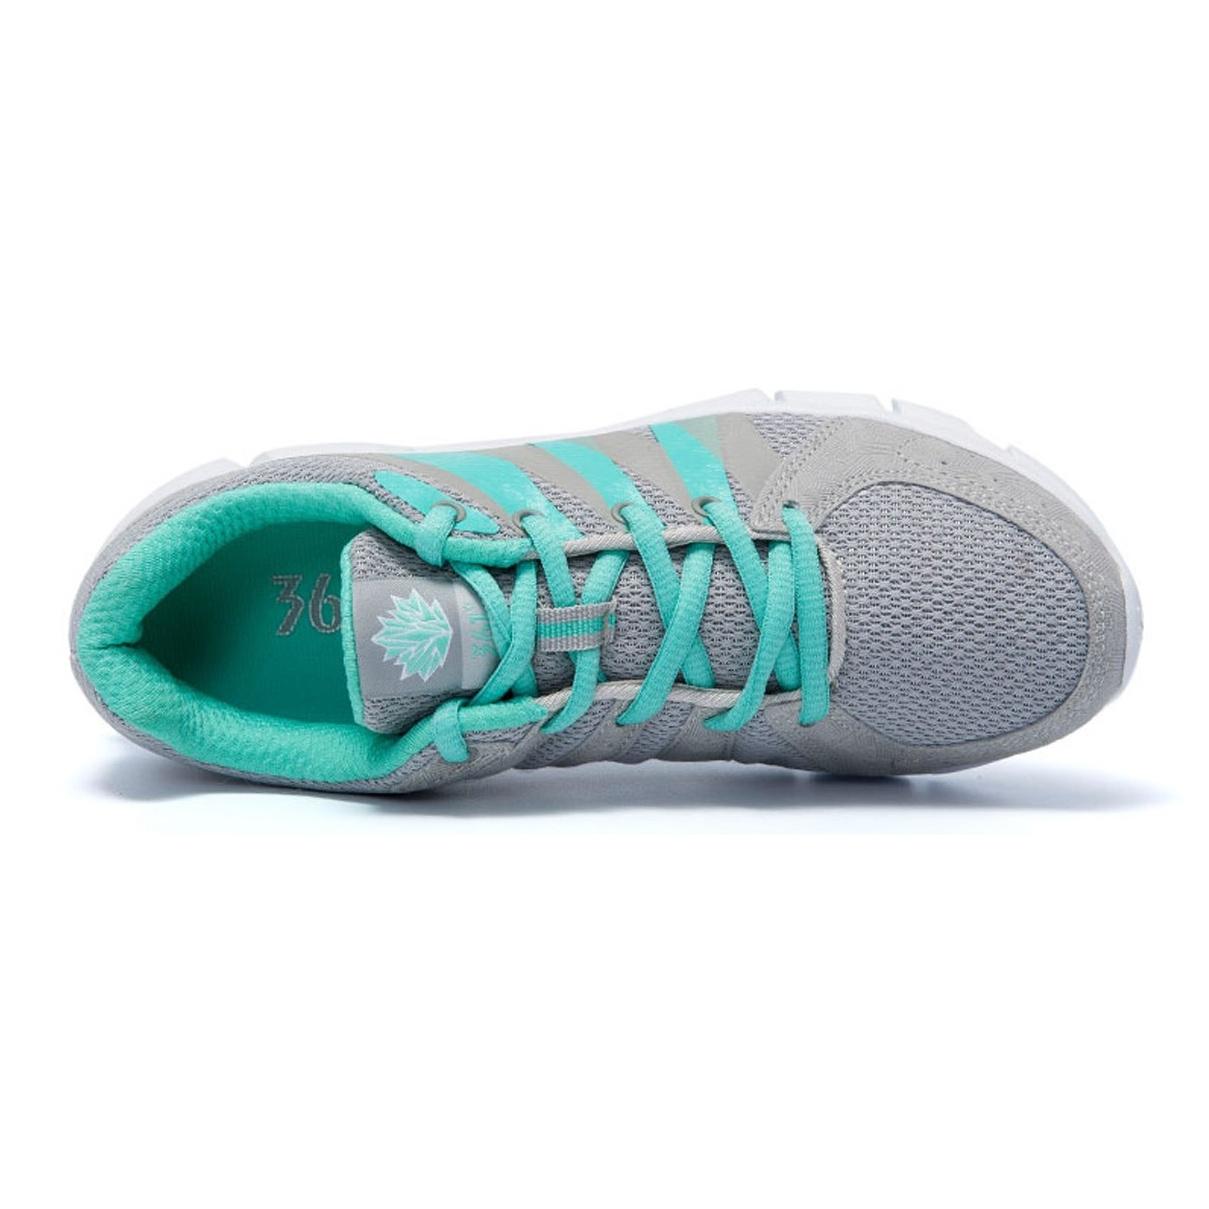 کفش راحتی زنانه 361 درجه مدل 2231 -  - 7